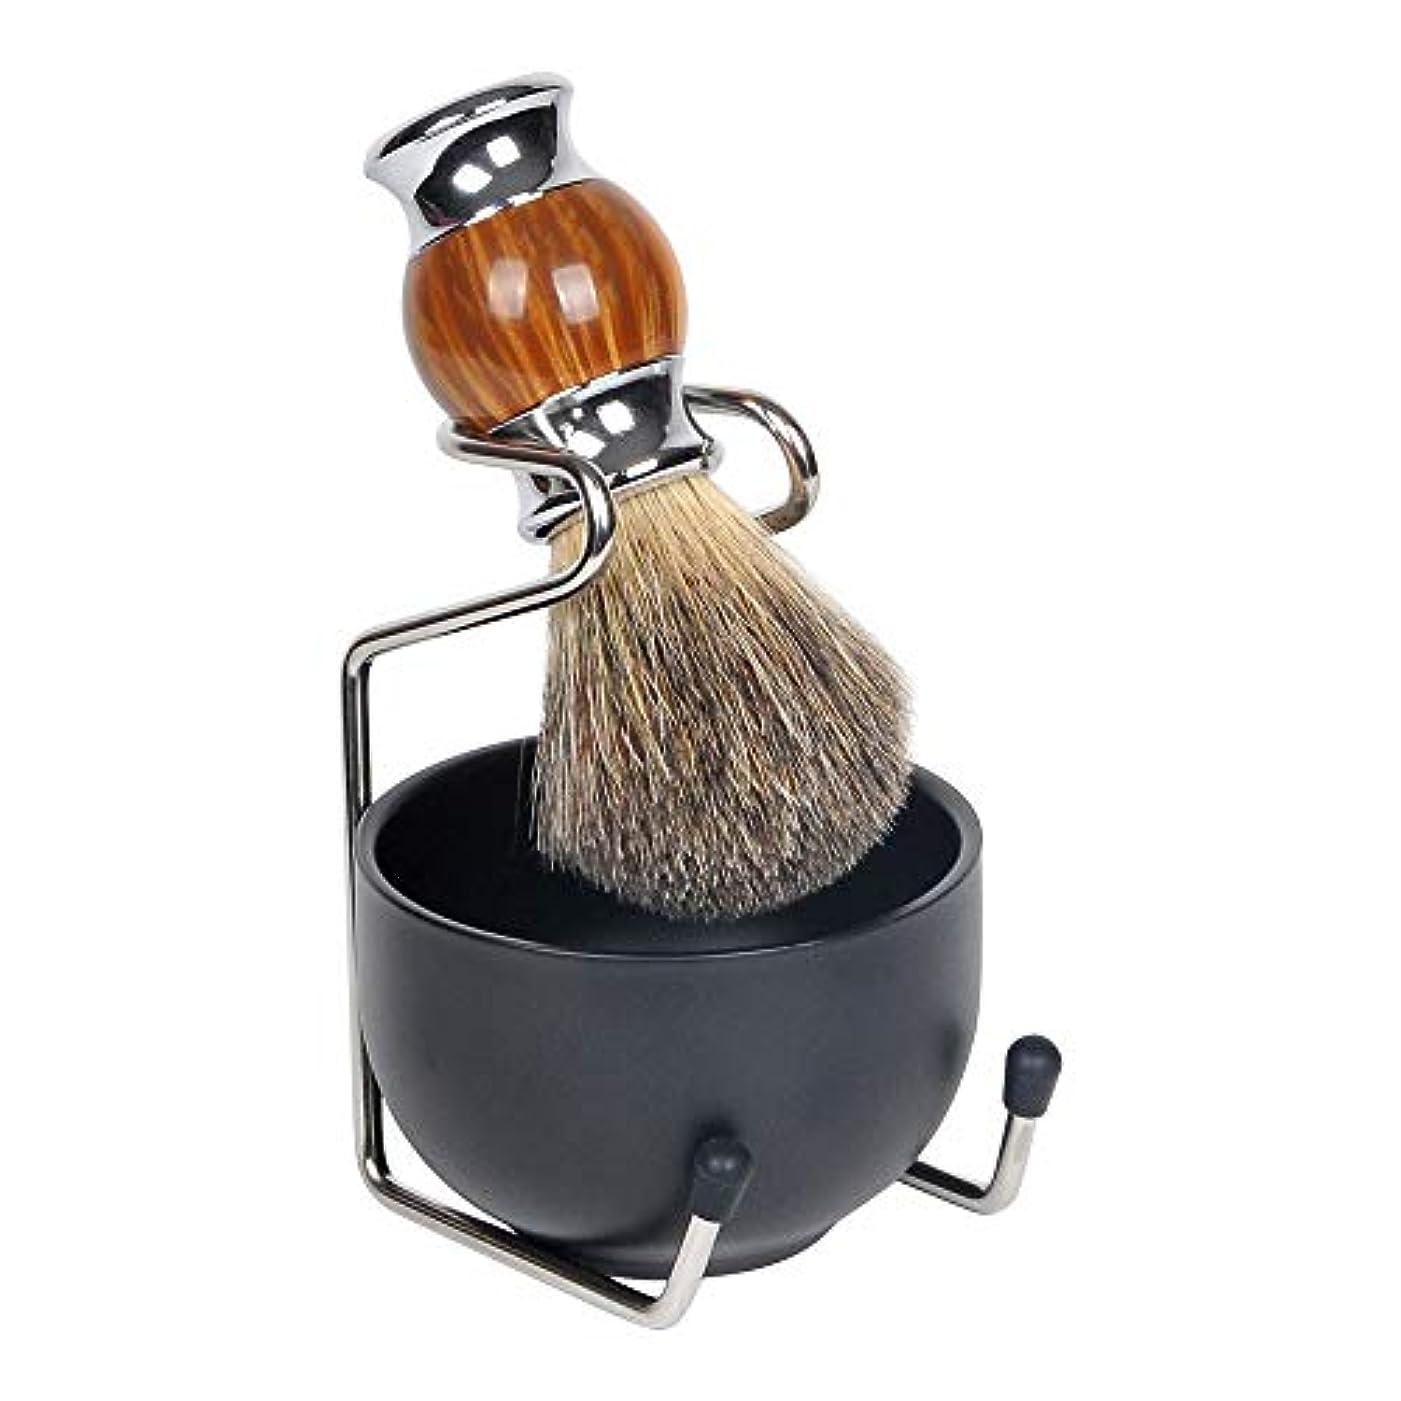 普通の従事する垂直1by1 ひげブラシ シェービングブラシセット シェービング石鹸ボウル 理容 髭剃り 泡立ち 洗顔ブラシ メンズ 100% アナグマ毛(3点セット 金属ブラウン)